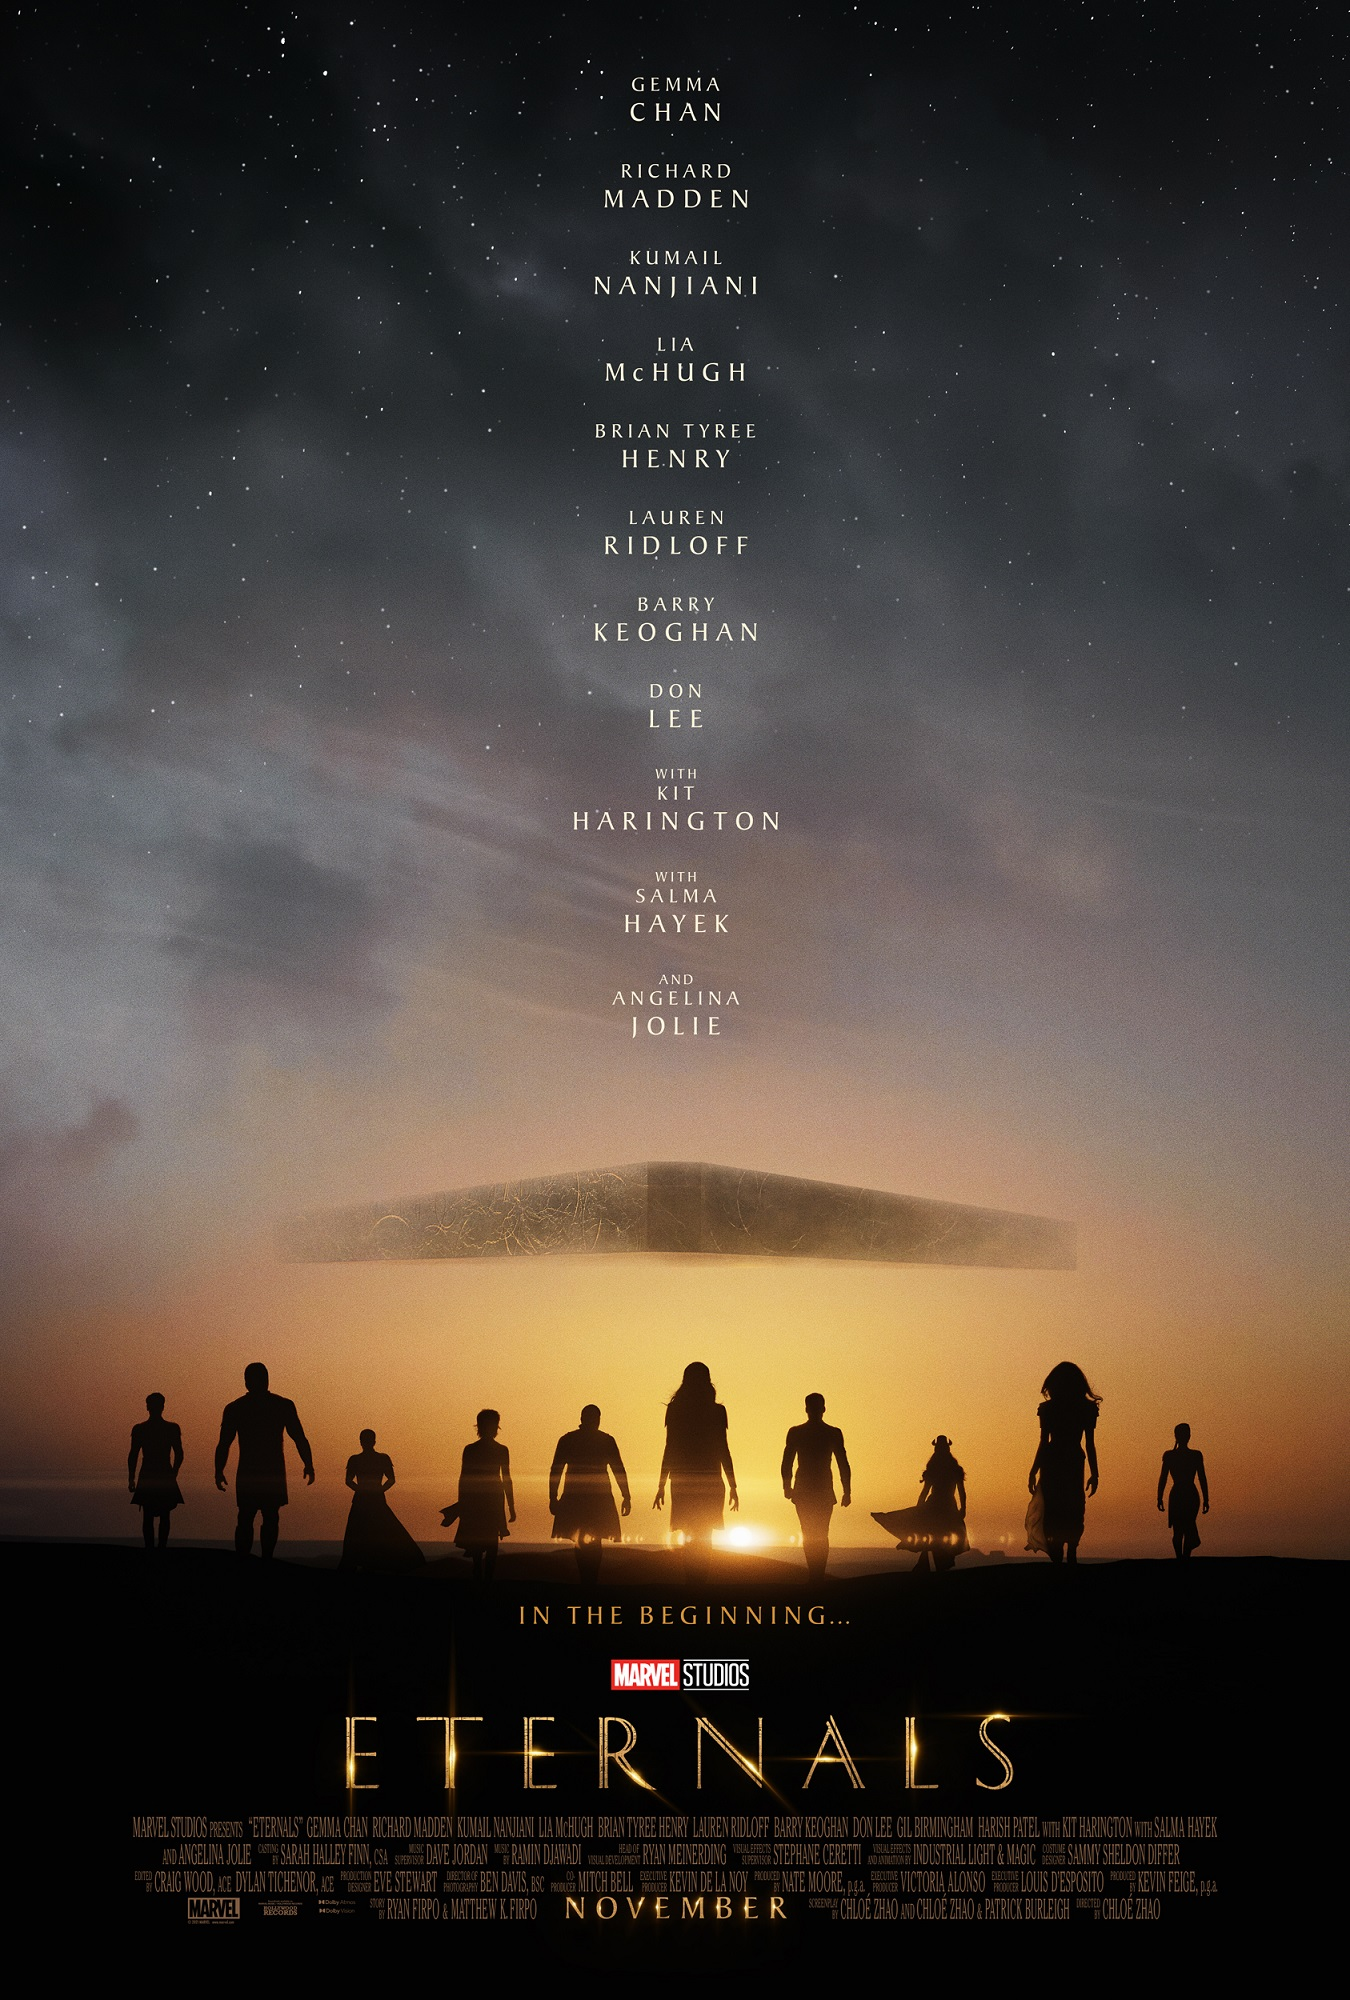 Eternals Teaser Poster